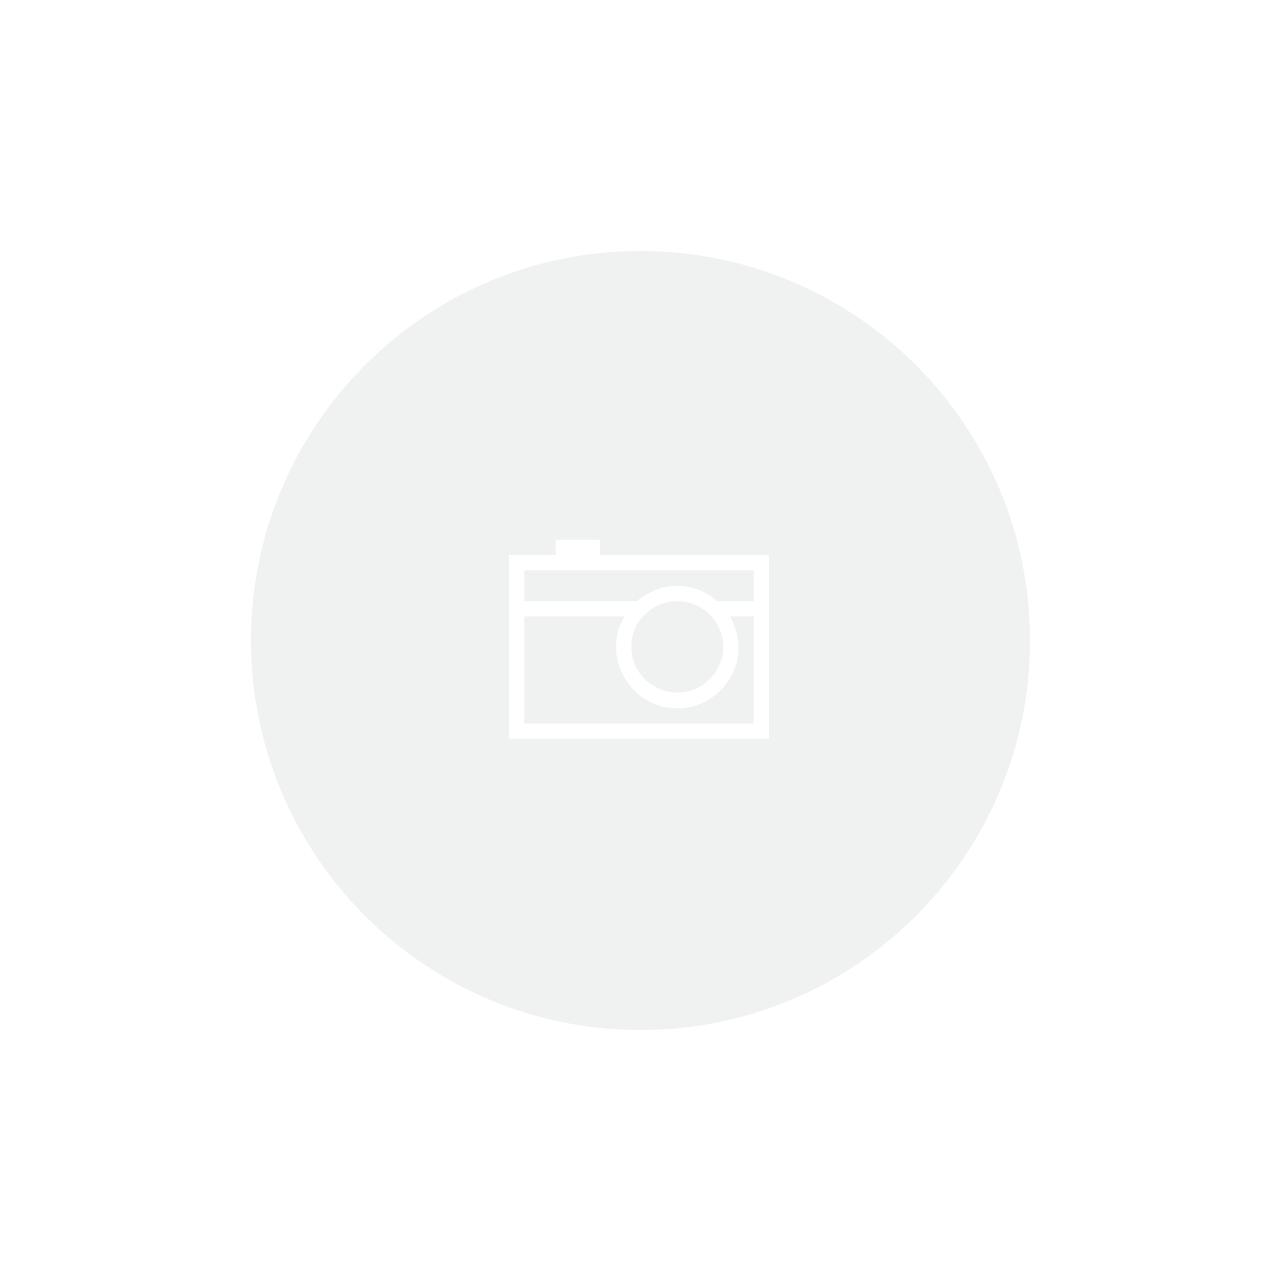 Placa 4x2 - 2 módulos juntos